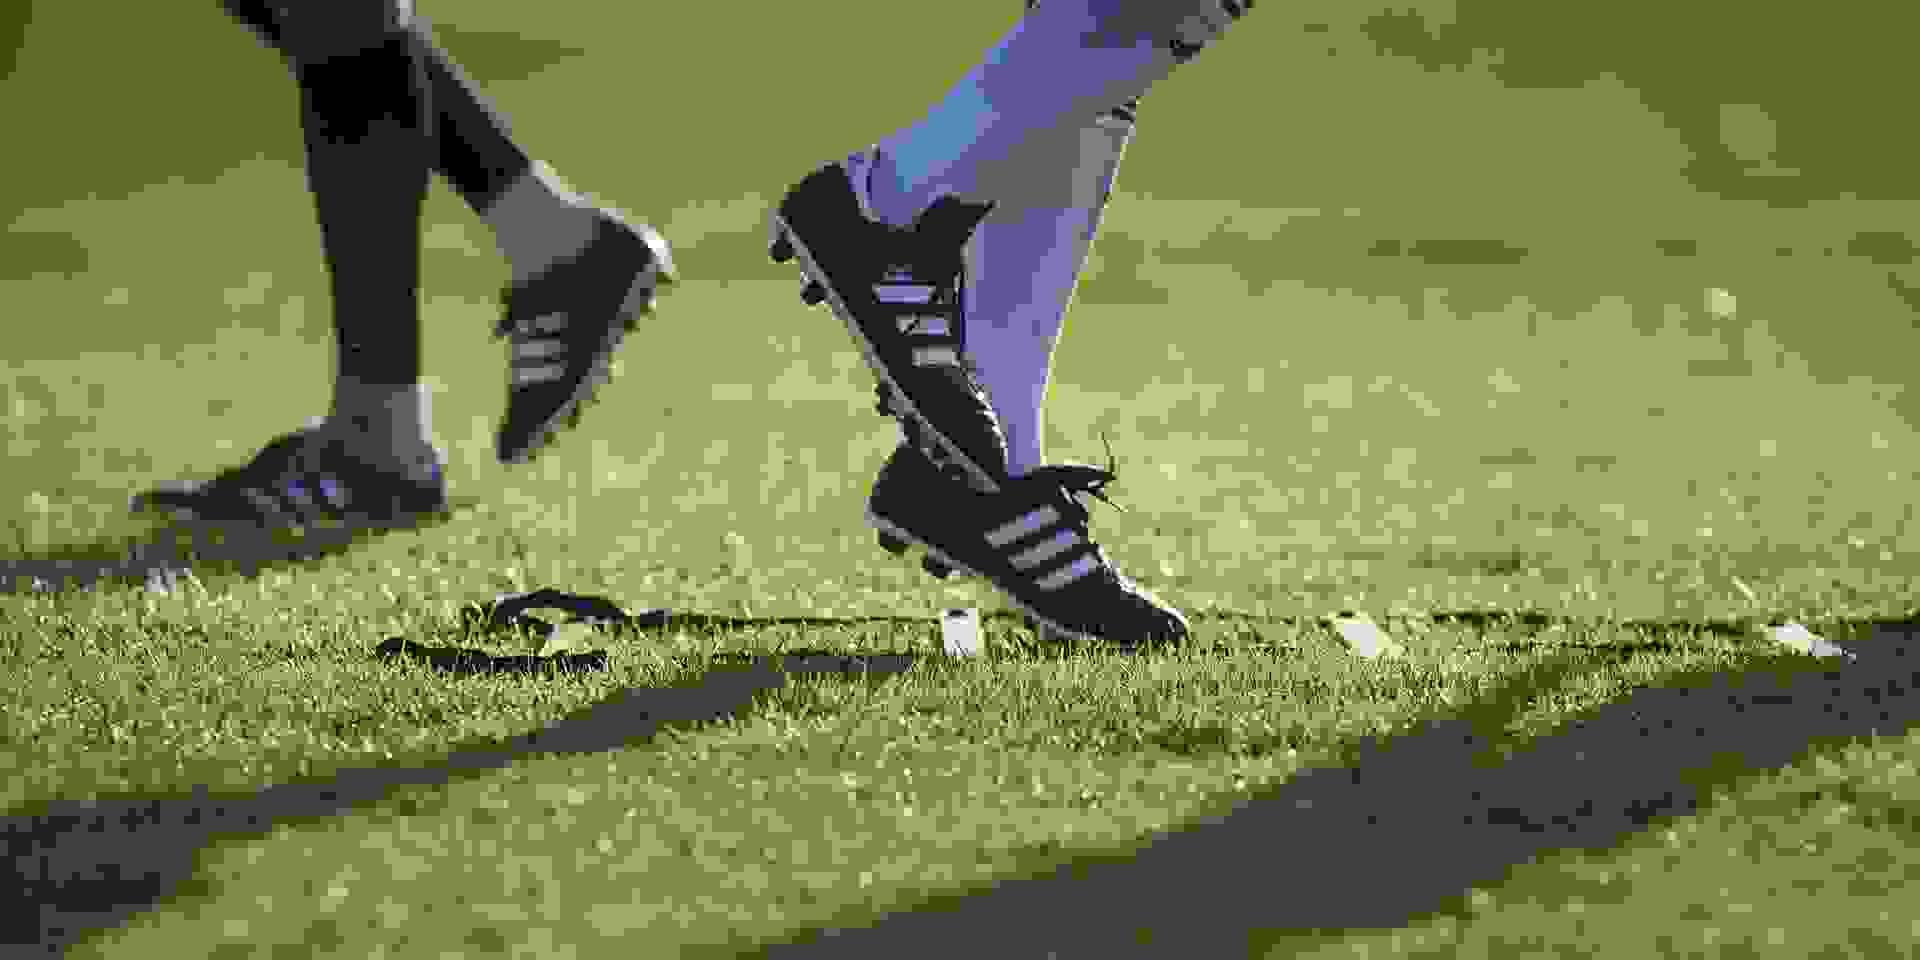 Adidas Fussballschuhe im Einsatz auf dem Rasen